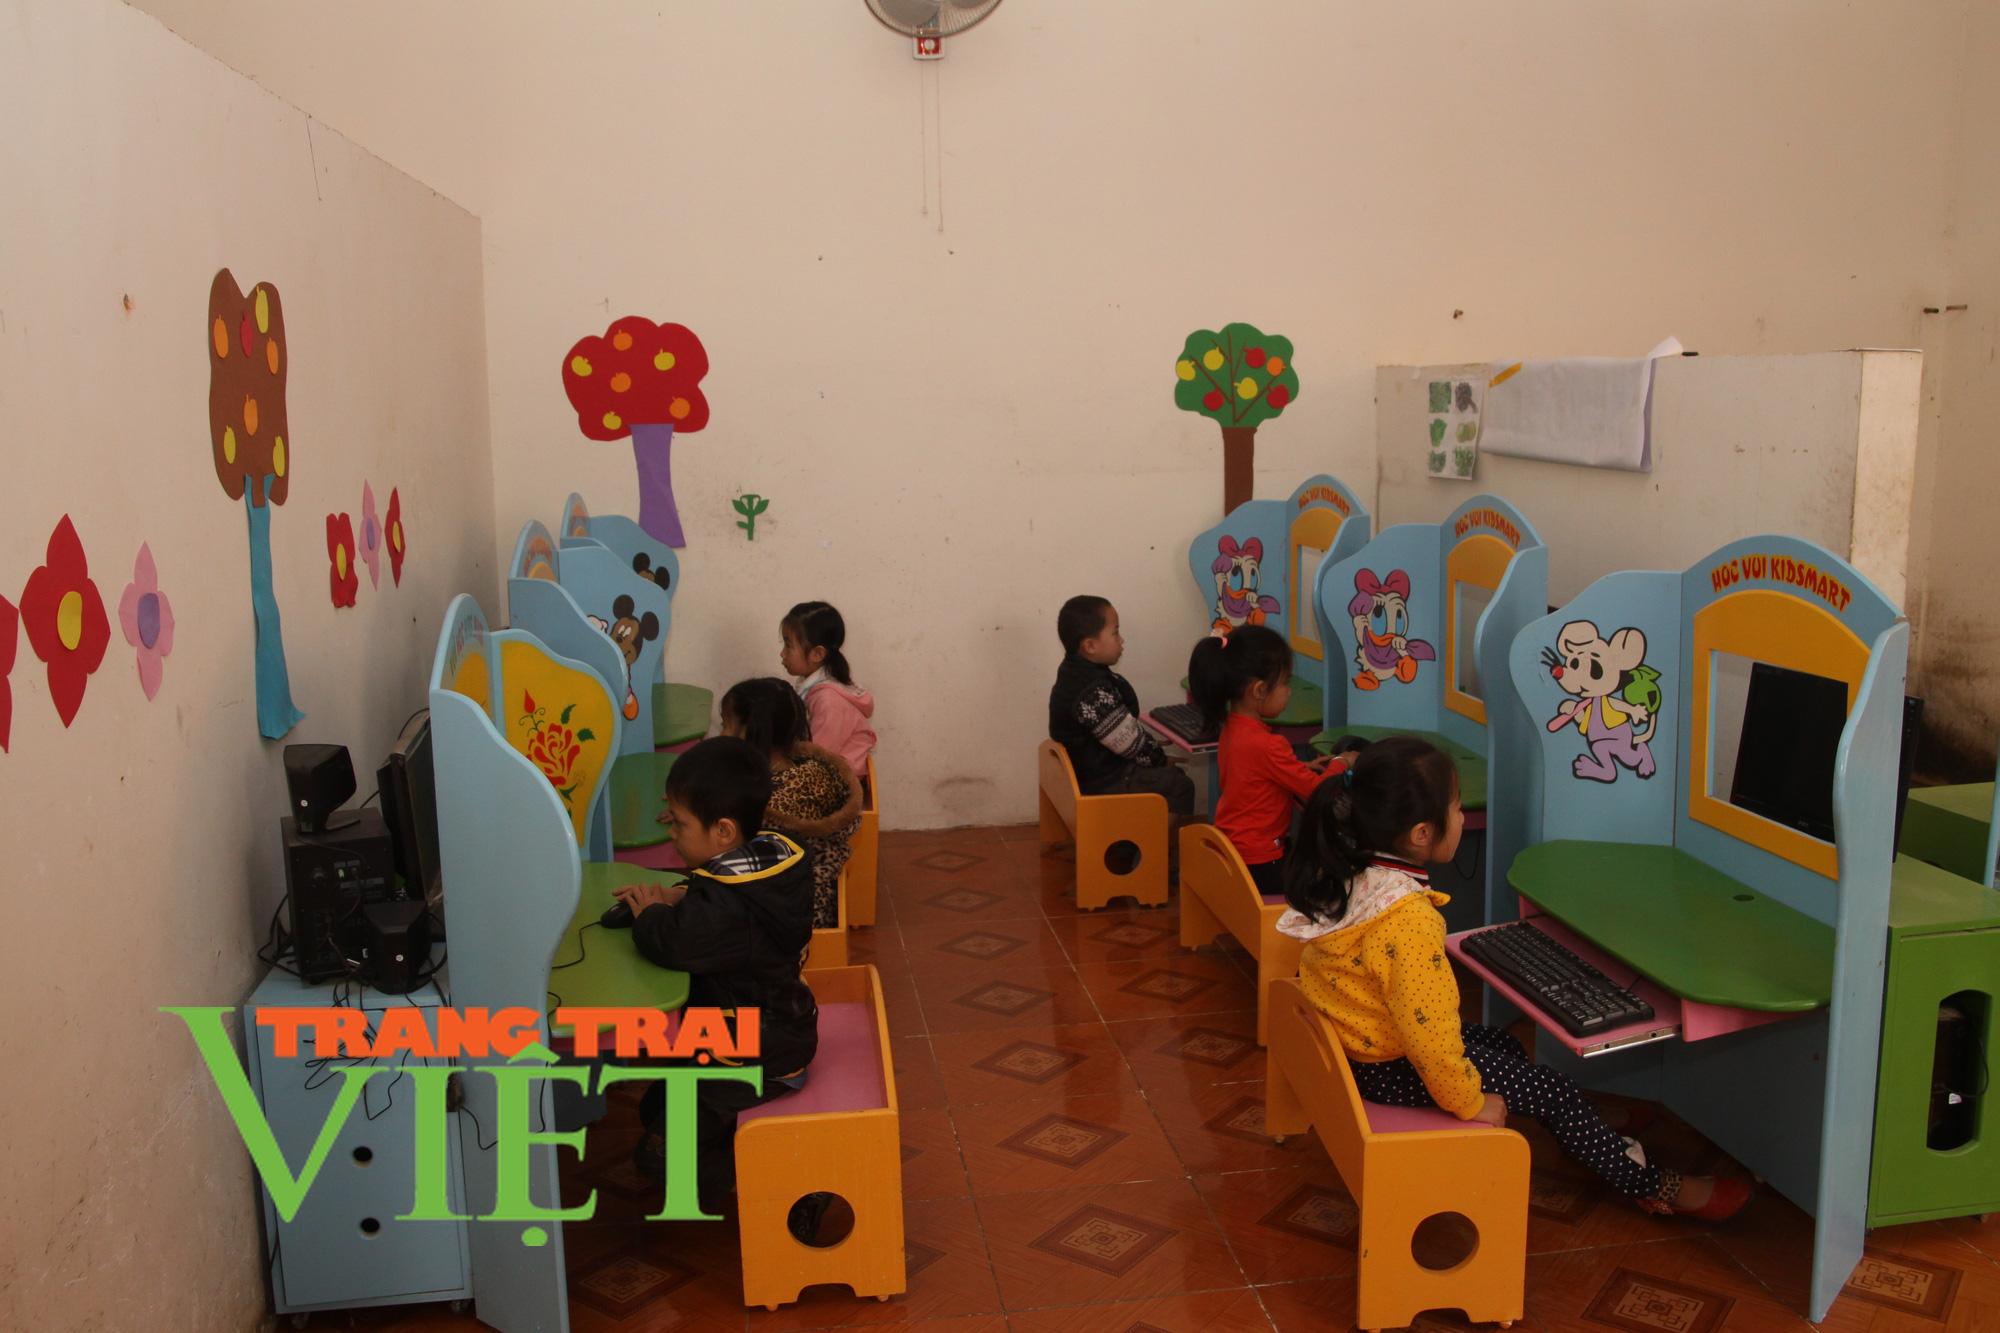 Sơn La: Những đột phá mới trong nâng cao chất lượng giáo dục và đào tạo - Ảnh 7.